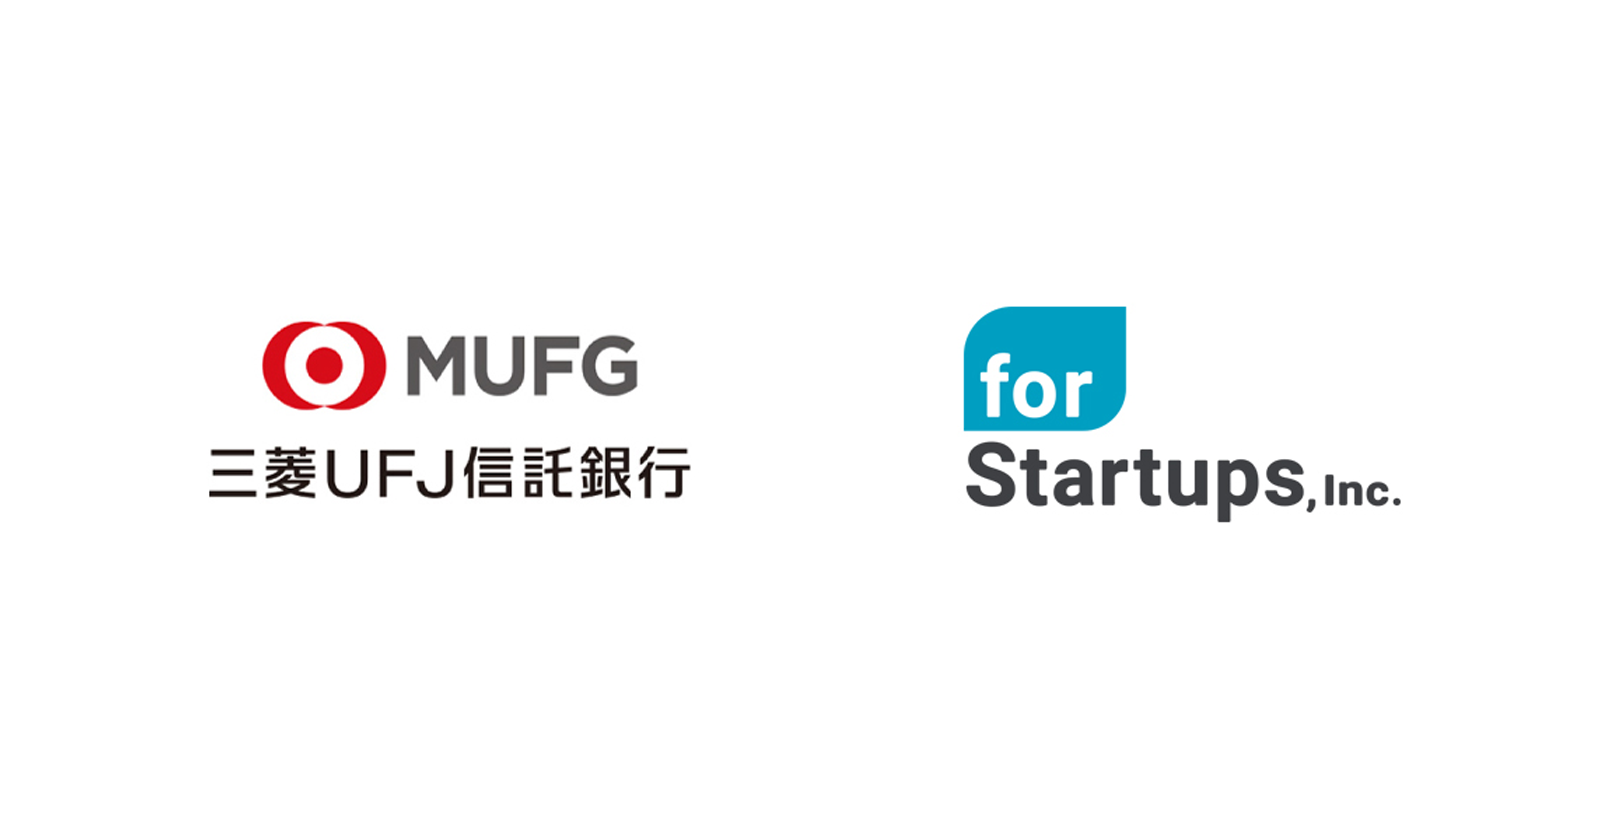 フォースタートアップス、三菱UFJ信託銀行と連携し 株式公開や株式実務に活用できる情報・書式を提供開始